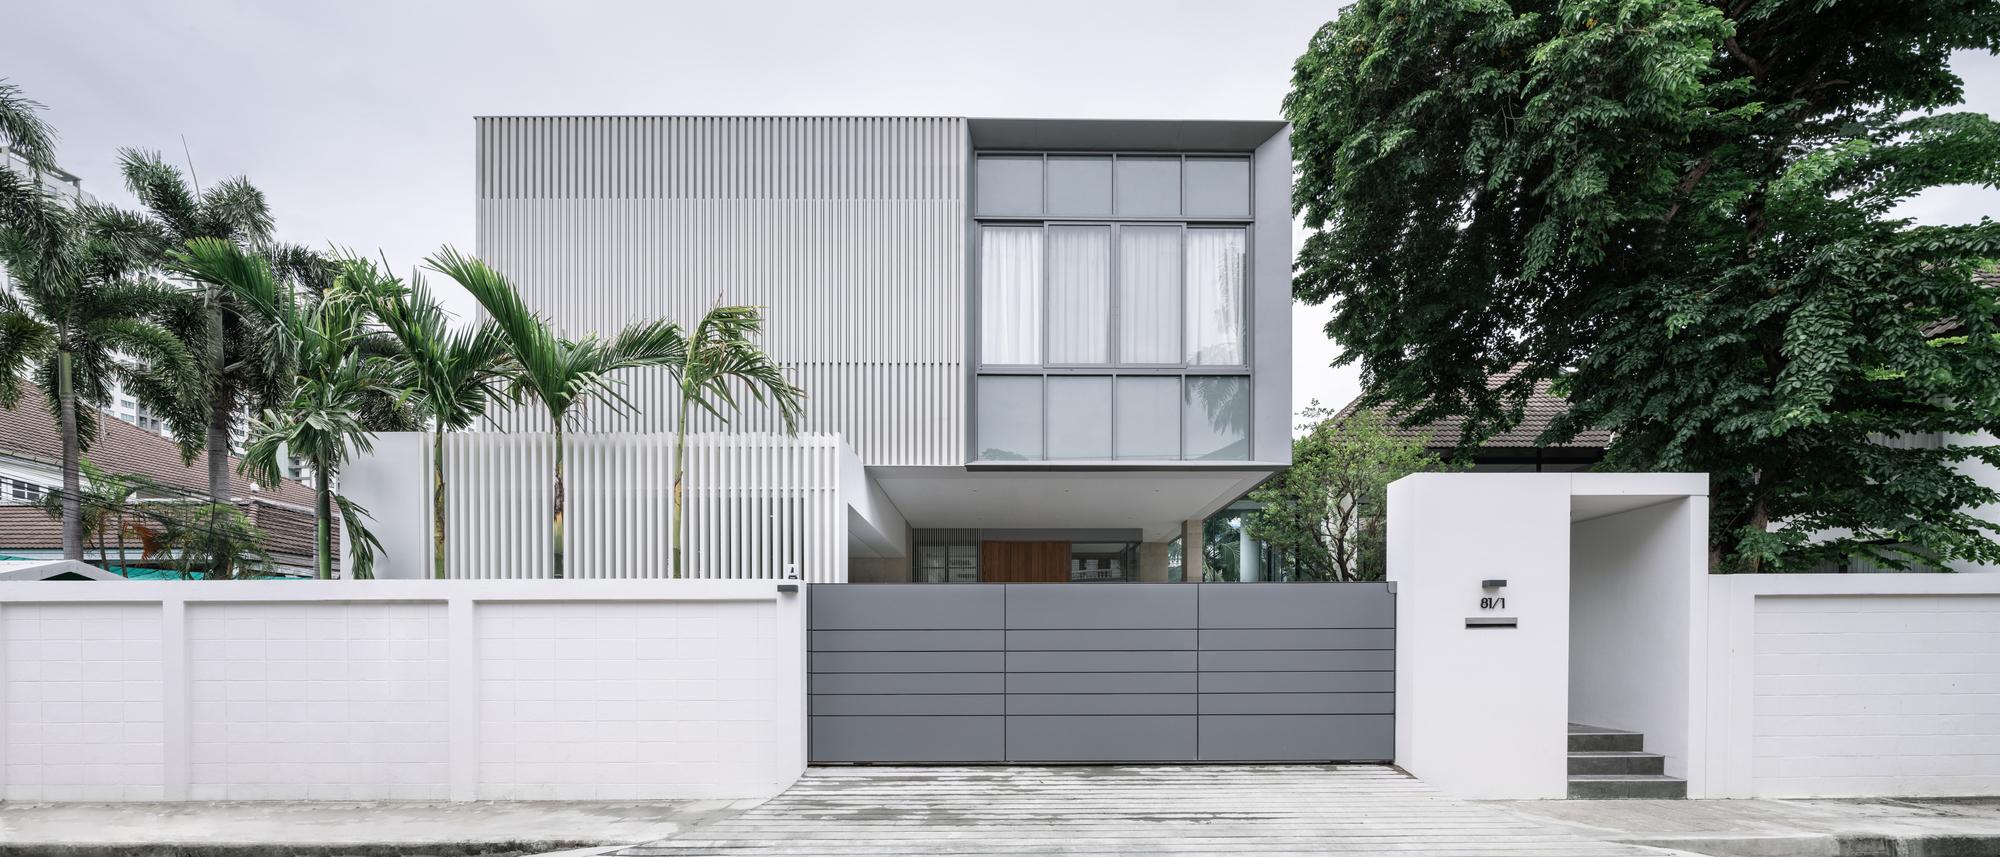 TANN House / AOMO